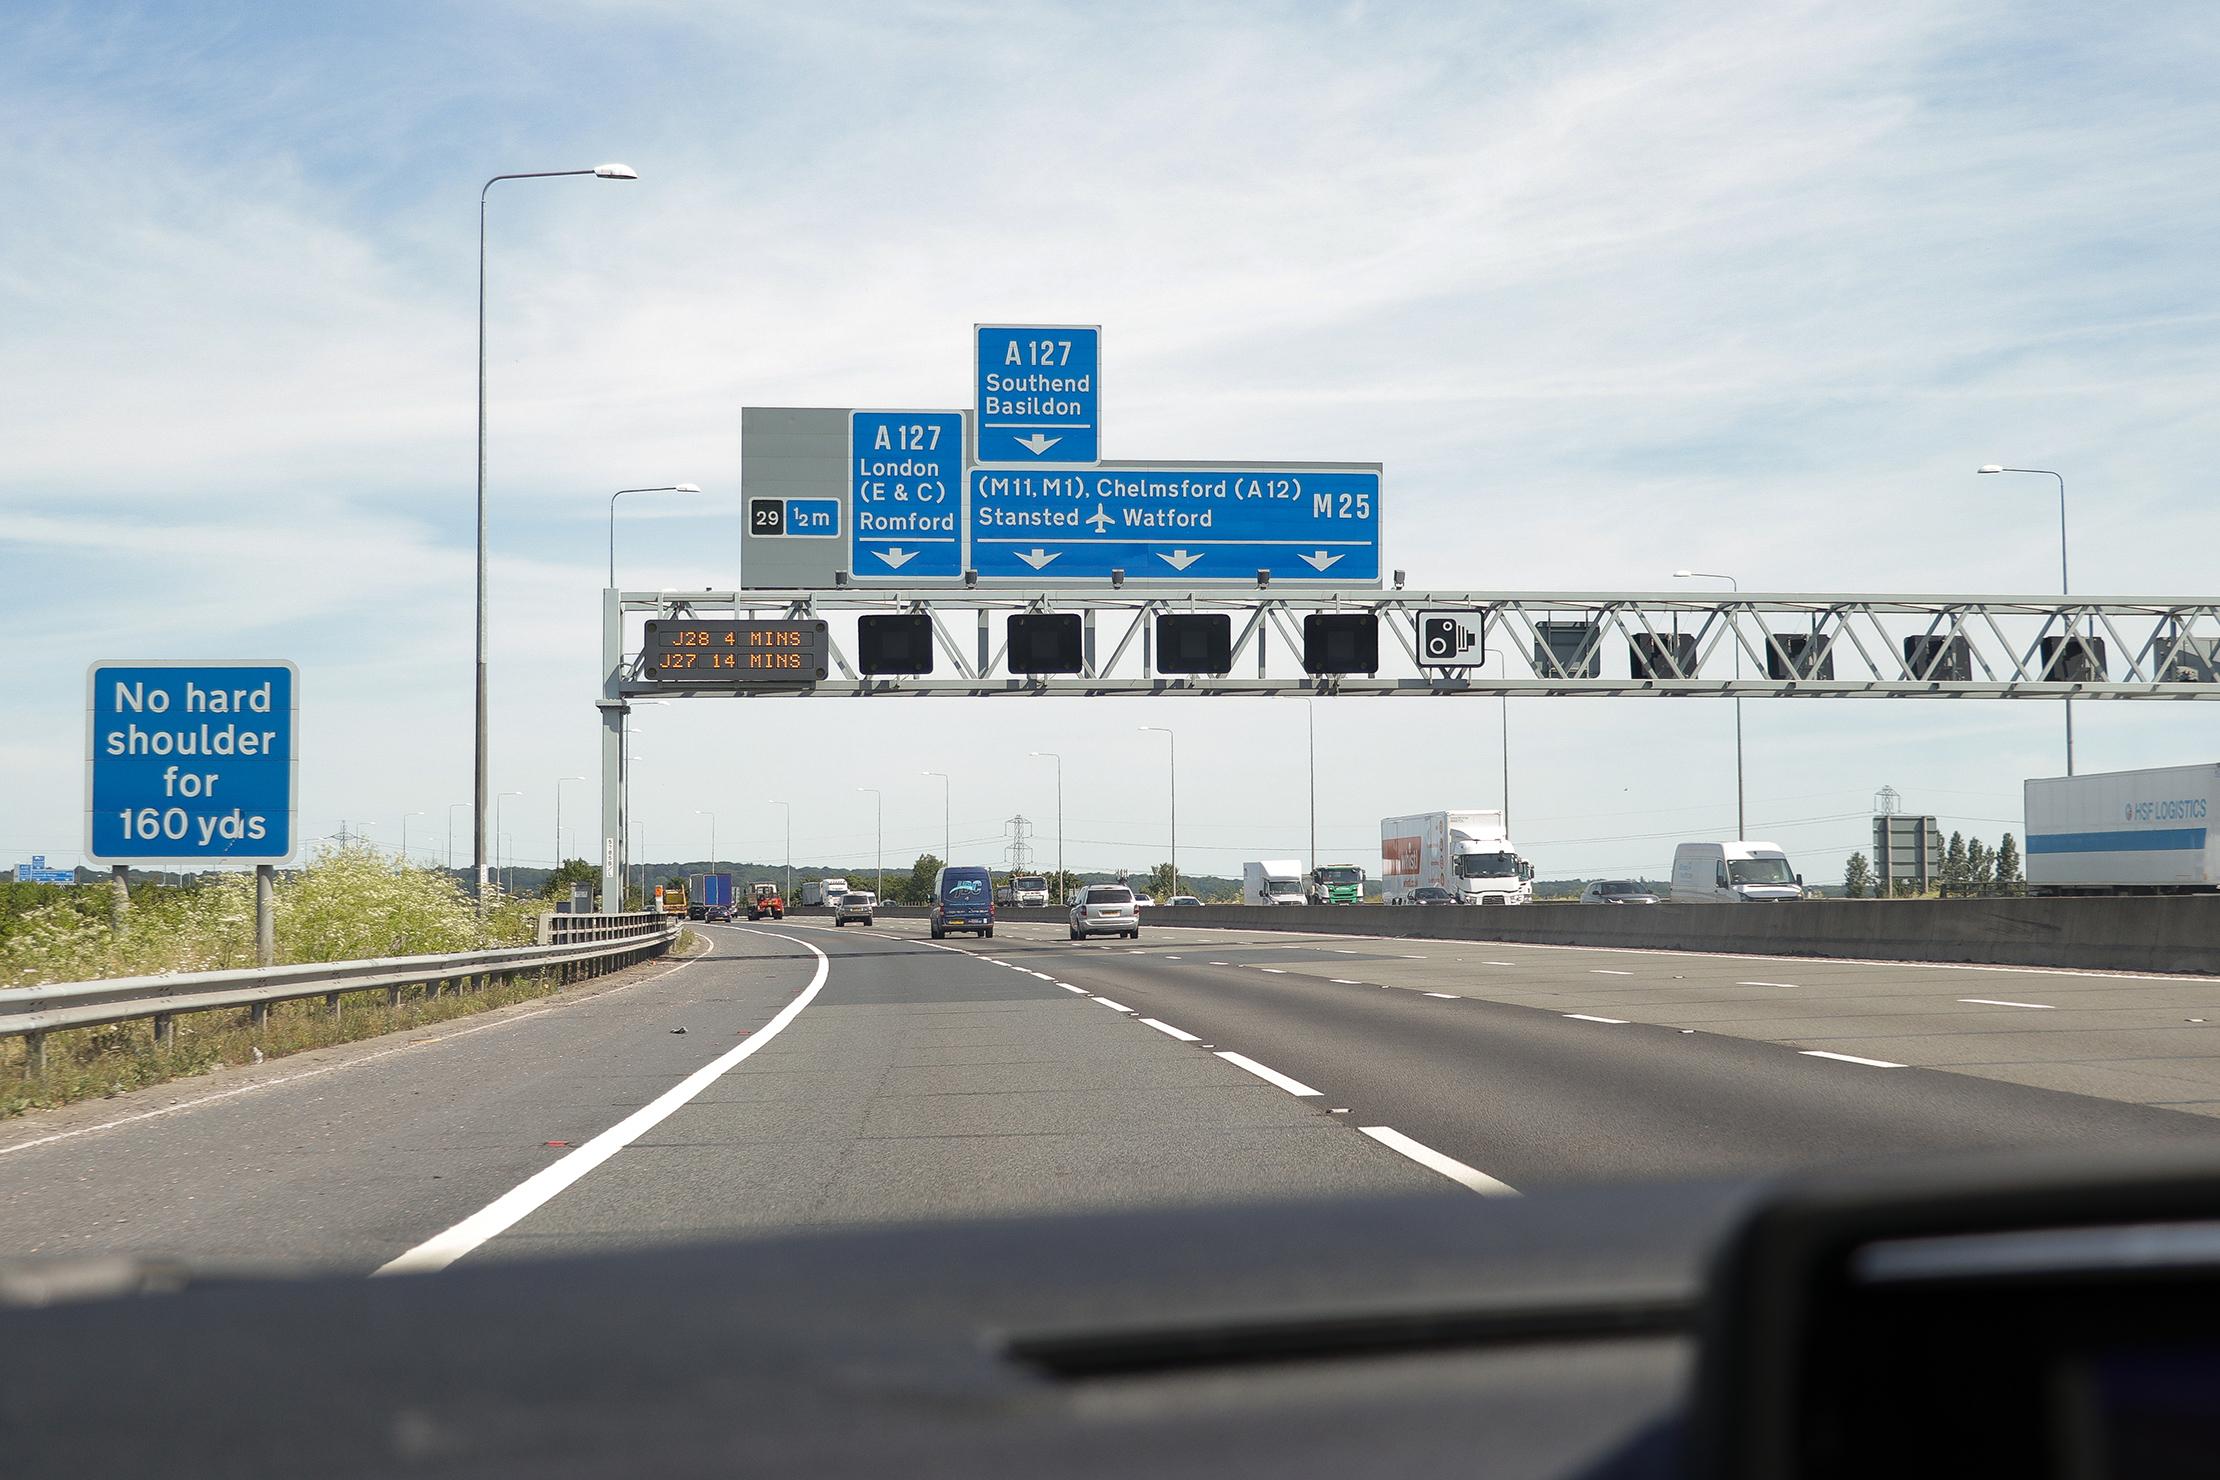 UK Motorway Road Trip Guide